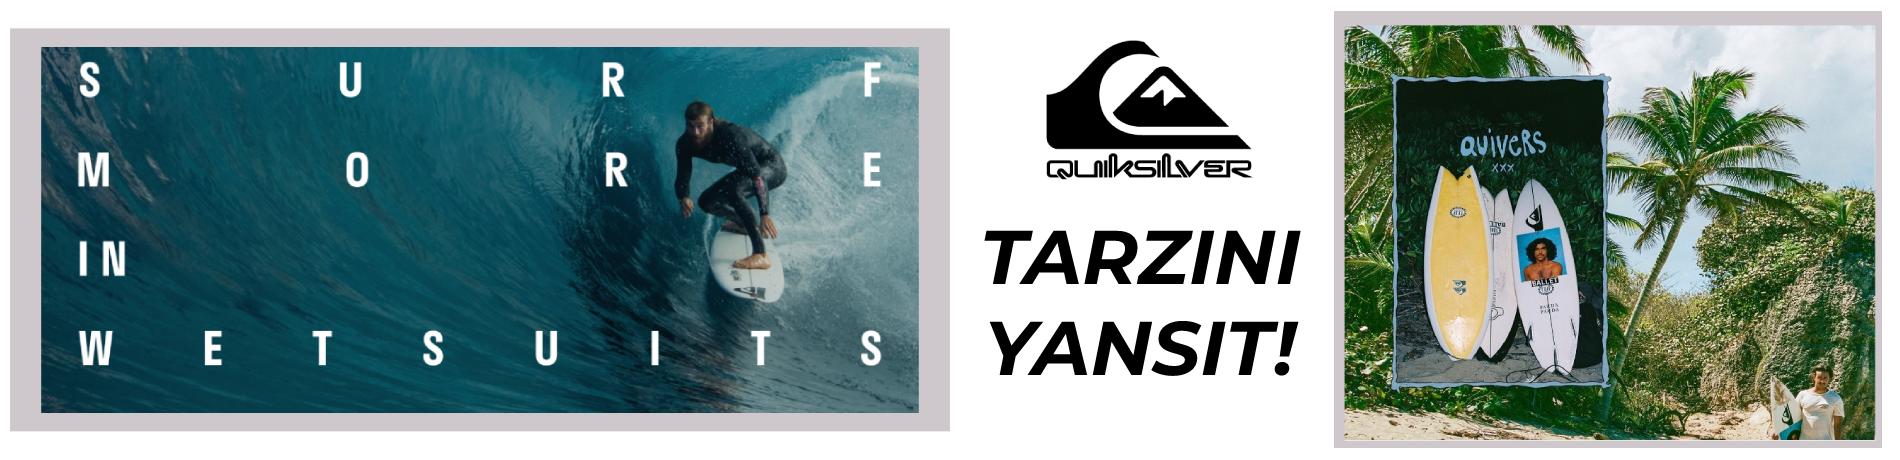 Quiksilver Kayak Snowboard Lifestyle Giyim, Çanta ve Ekipmanları